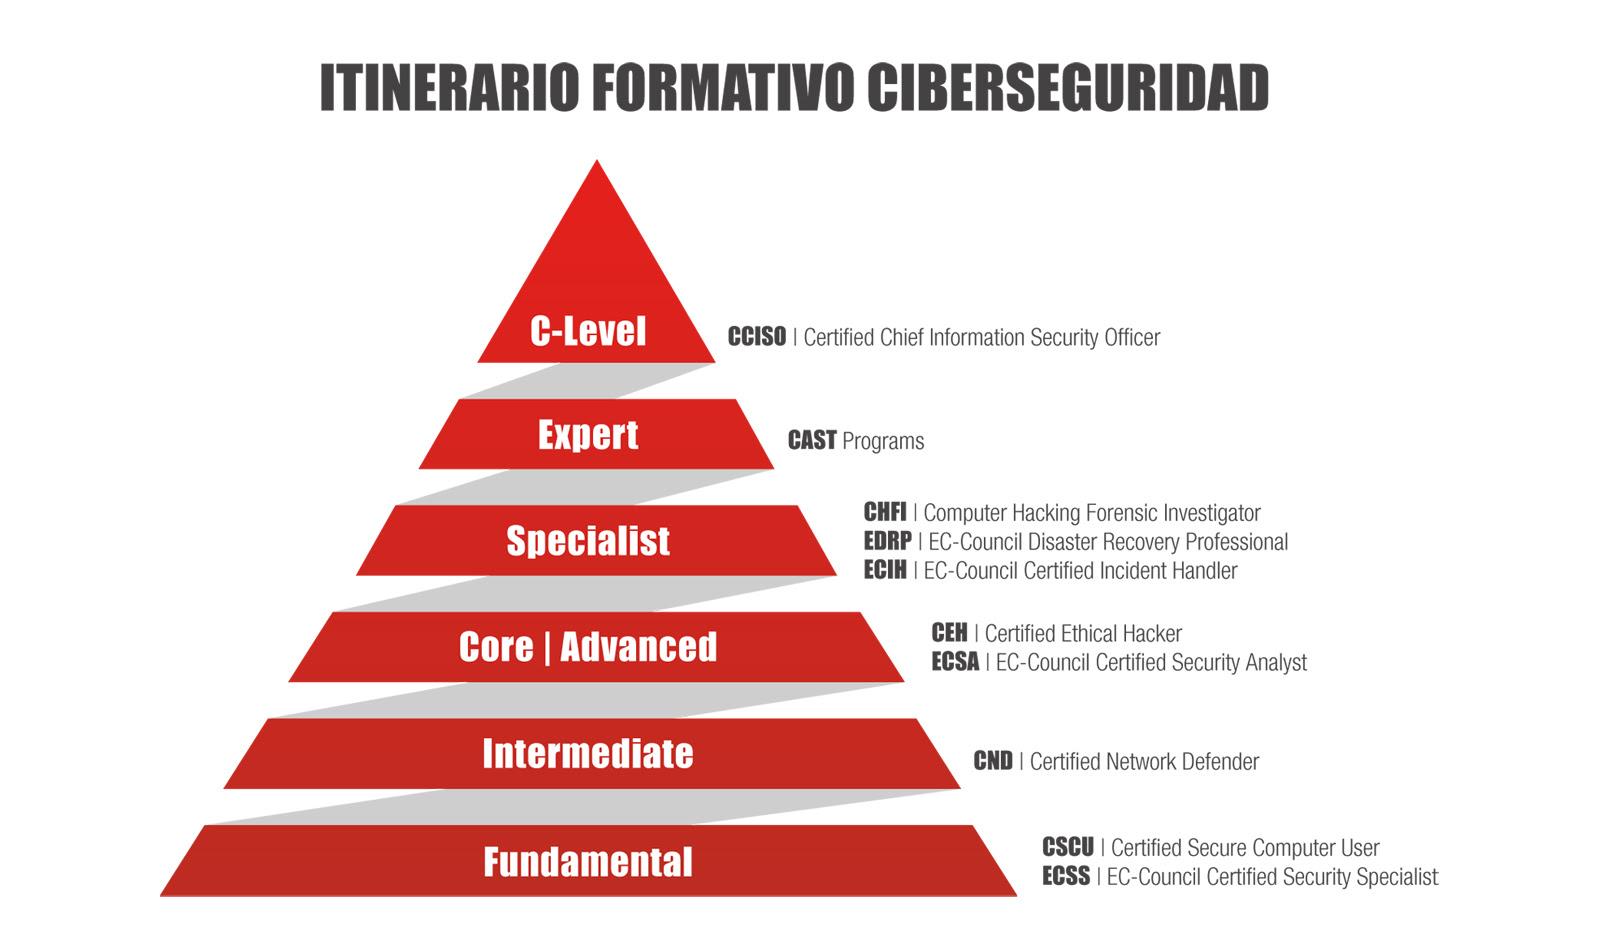 Itinerario Formativo Ciberseguridad